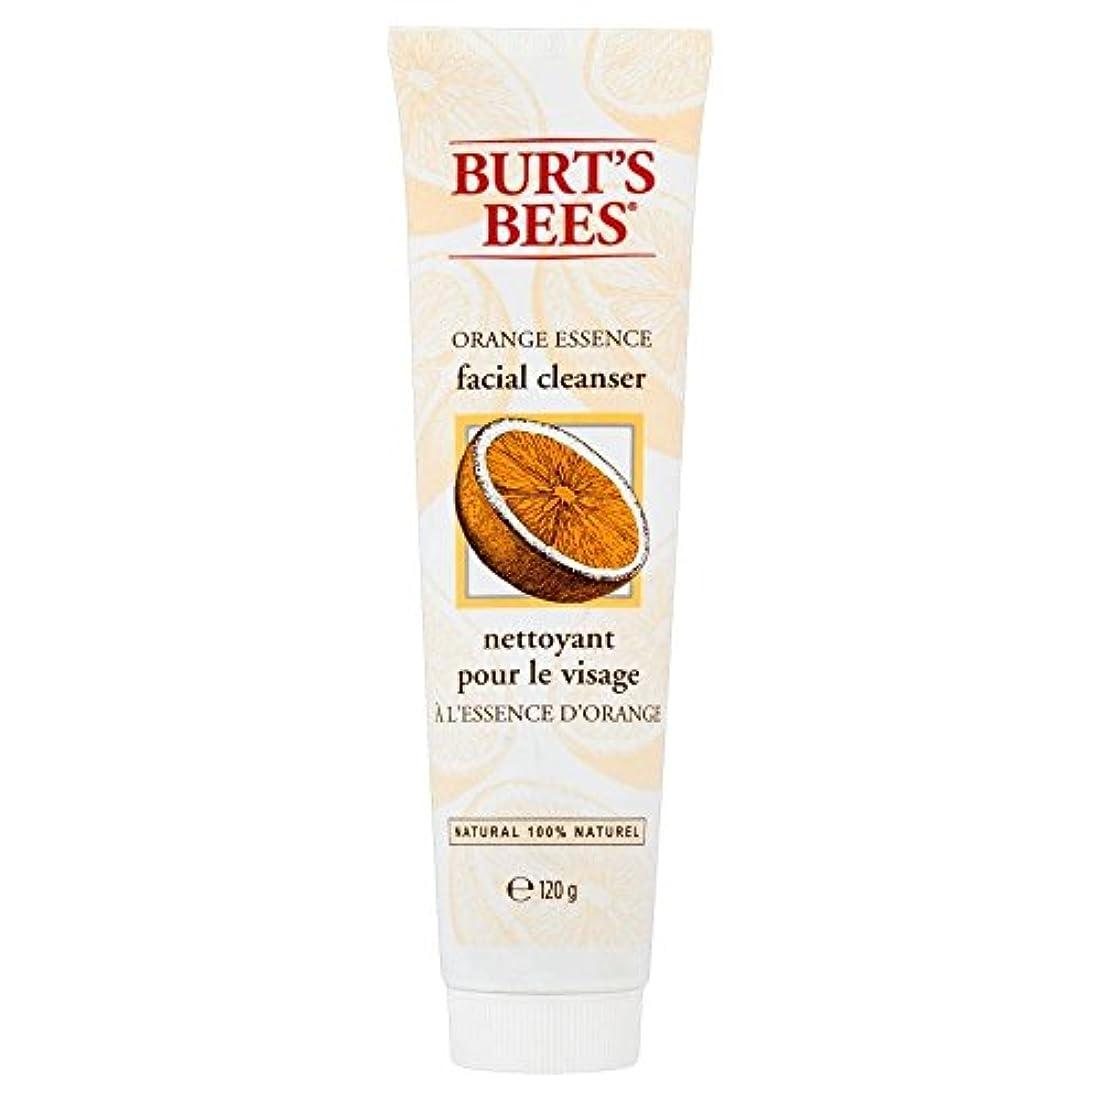 販売員共同選択過度の[Burt's Bees] バーツビーオレンジエッセンス洗顔料(120グラム) - Burt's Bees Orange Essence Facial Cleanser (120g) [並行輸入品]